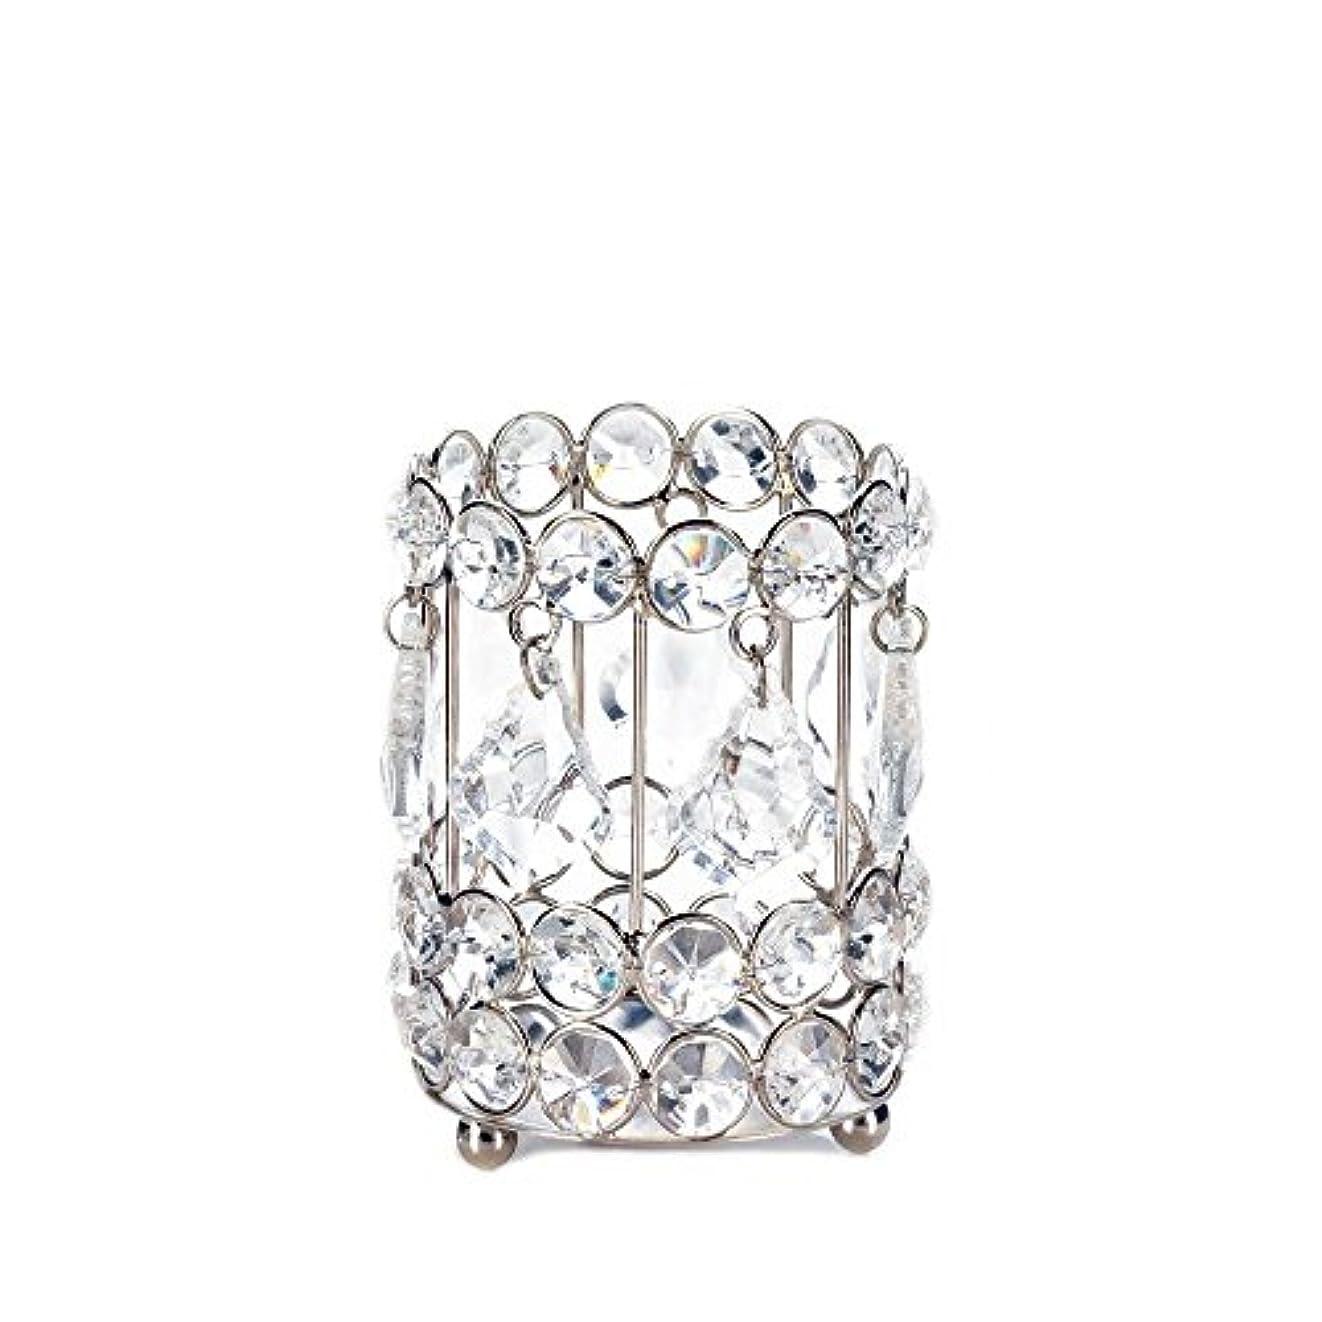 古くなったファウル忌み嫌うGallery of Light 10018136 Super Bling Crystal Drops Candle Holder - 4 in.